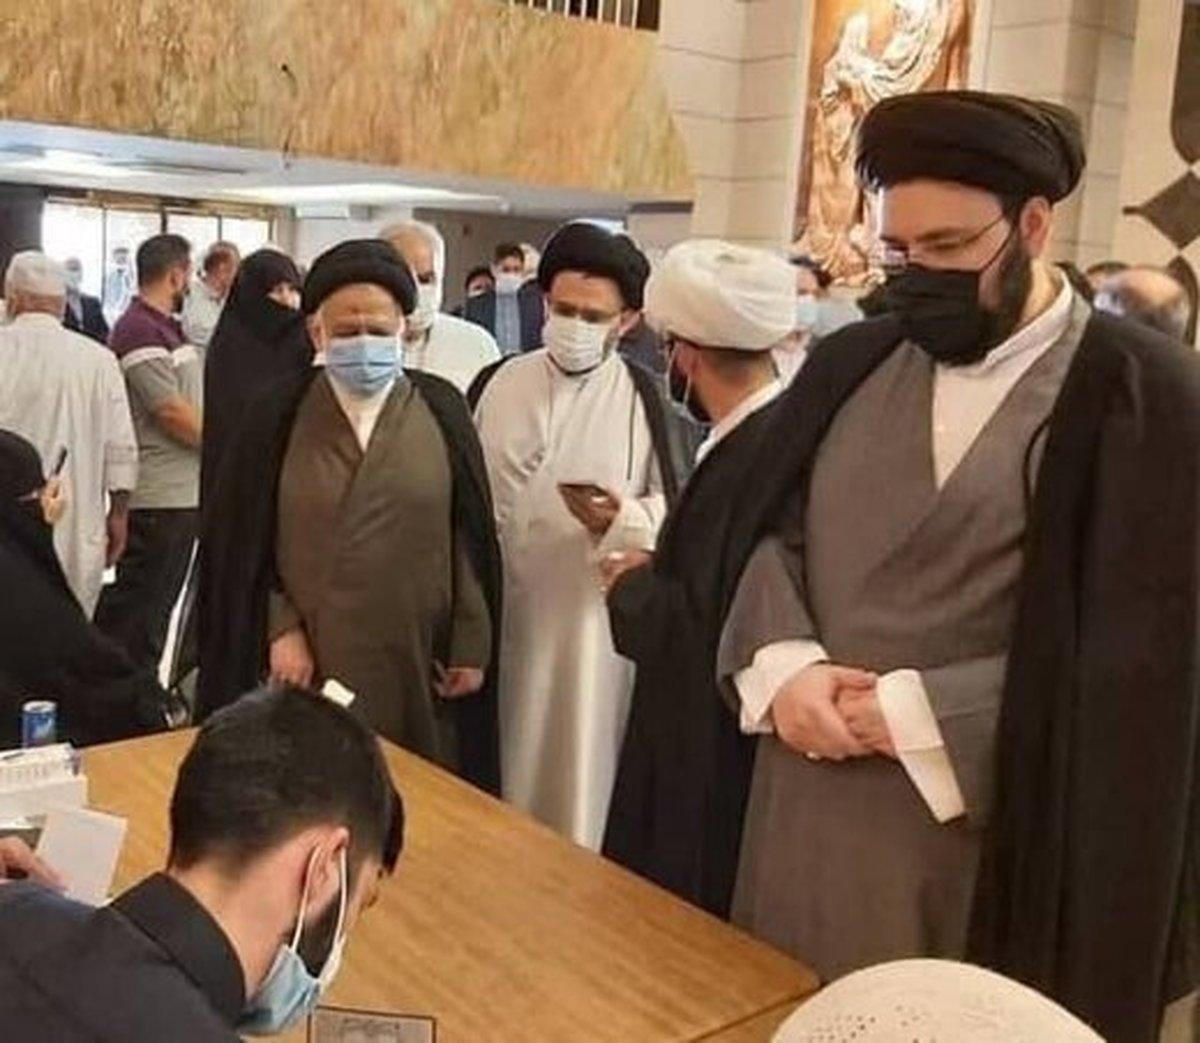 سیدعلی خمینی در نجف رأی خود را به صندوق انداخت